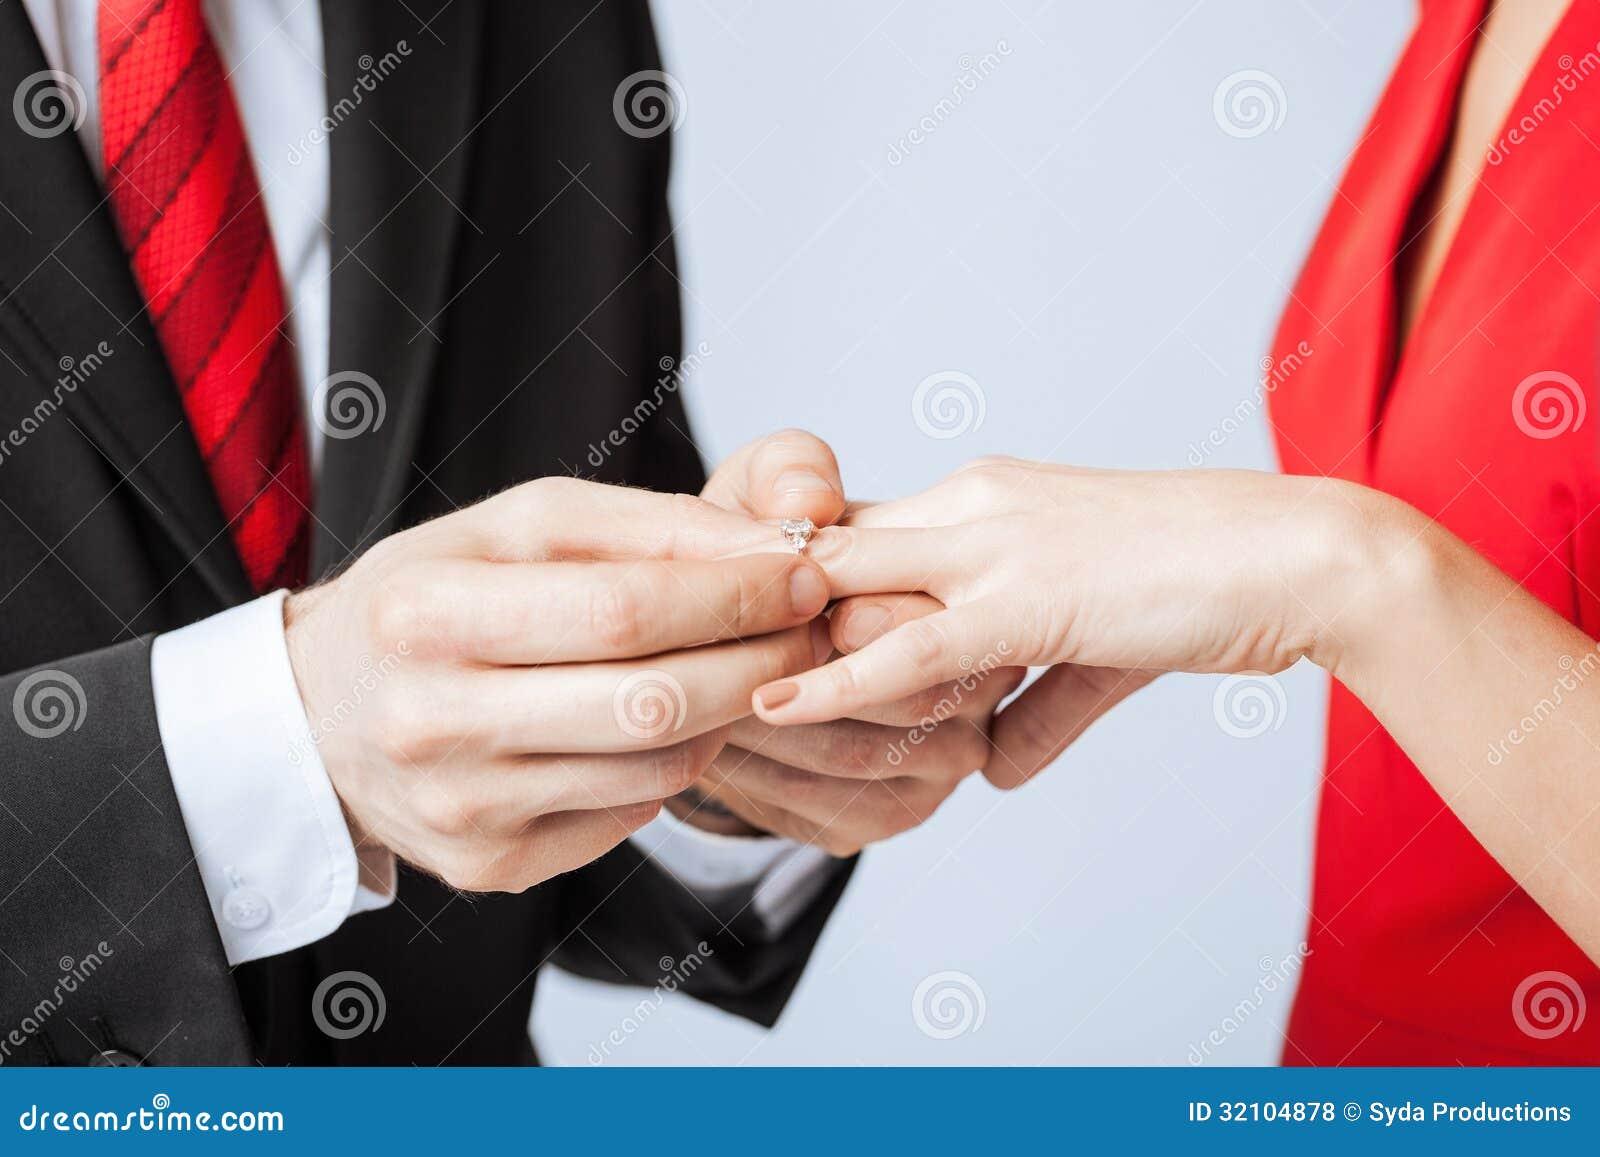 man putting wedding ring woman hand man wedding ring Man putting wedding ring on woman hand Royalty Free Stock Photos